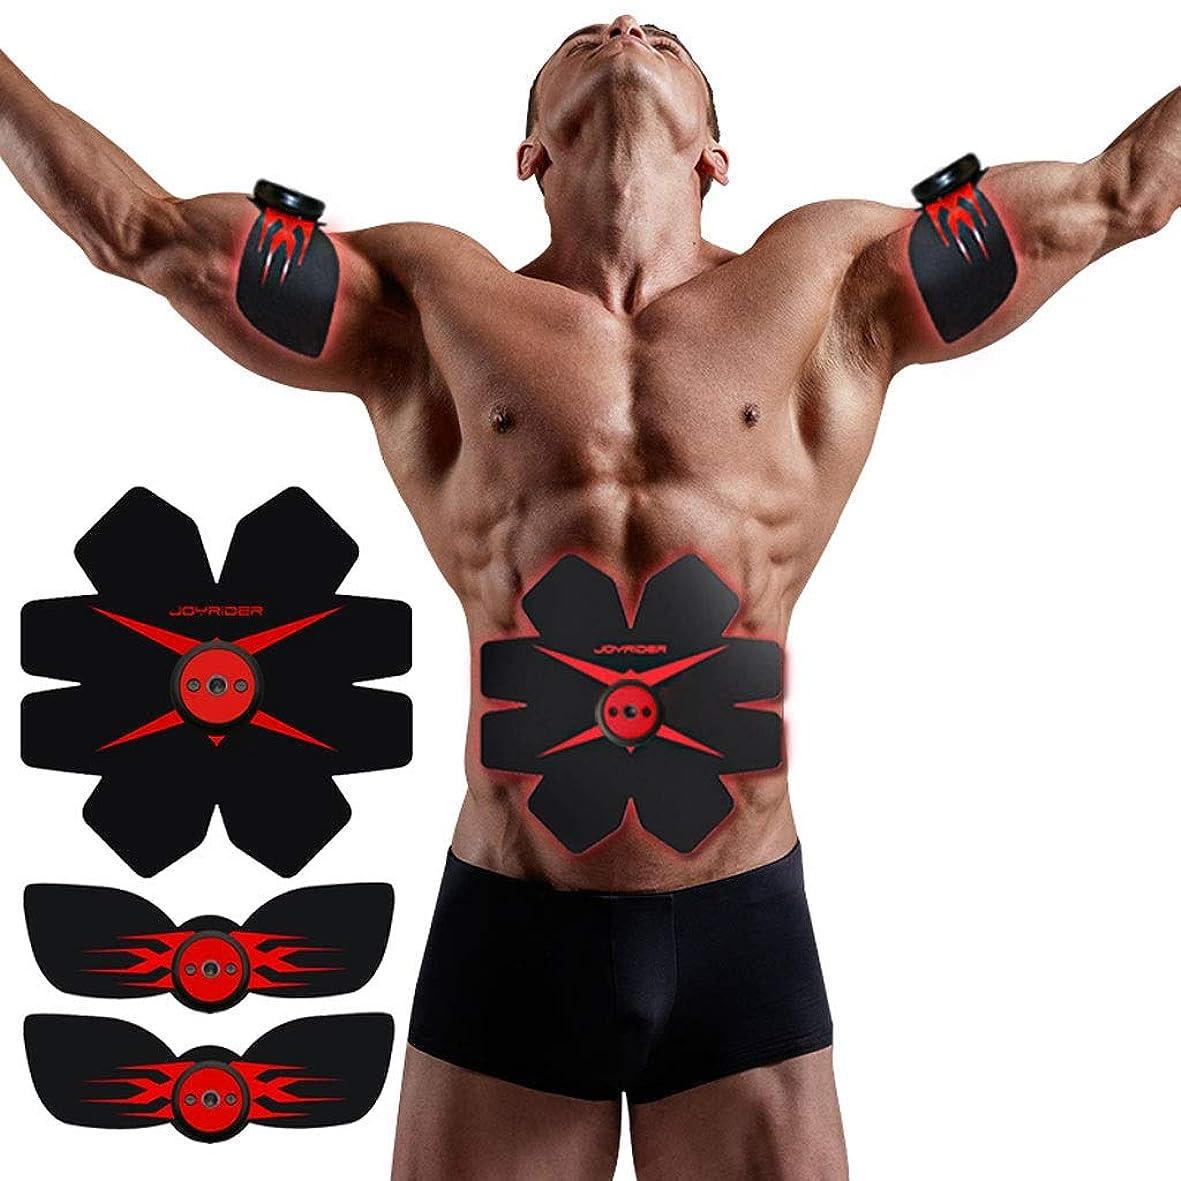 入場料野望ドライEMS AbsトレーナーAbベルト、腹部調色ベルト、腹筋刺激装置、ABSマシンAbベルト調色ジムワークアウトマシン用男性&女性